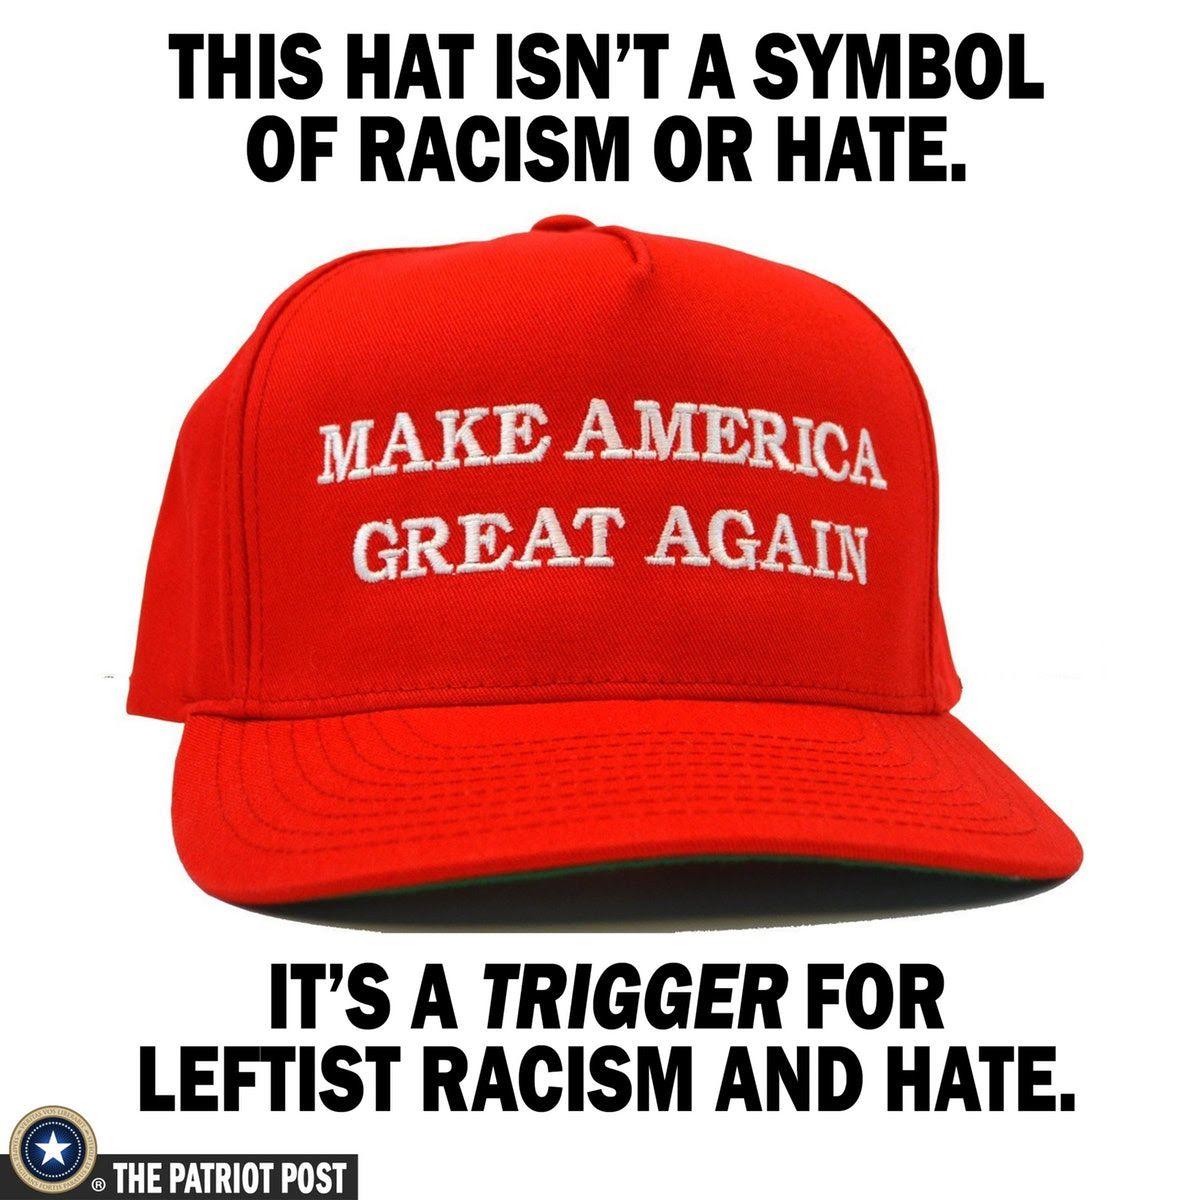 MAGA liberals leftist